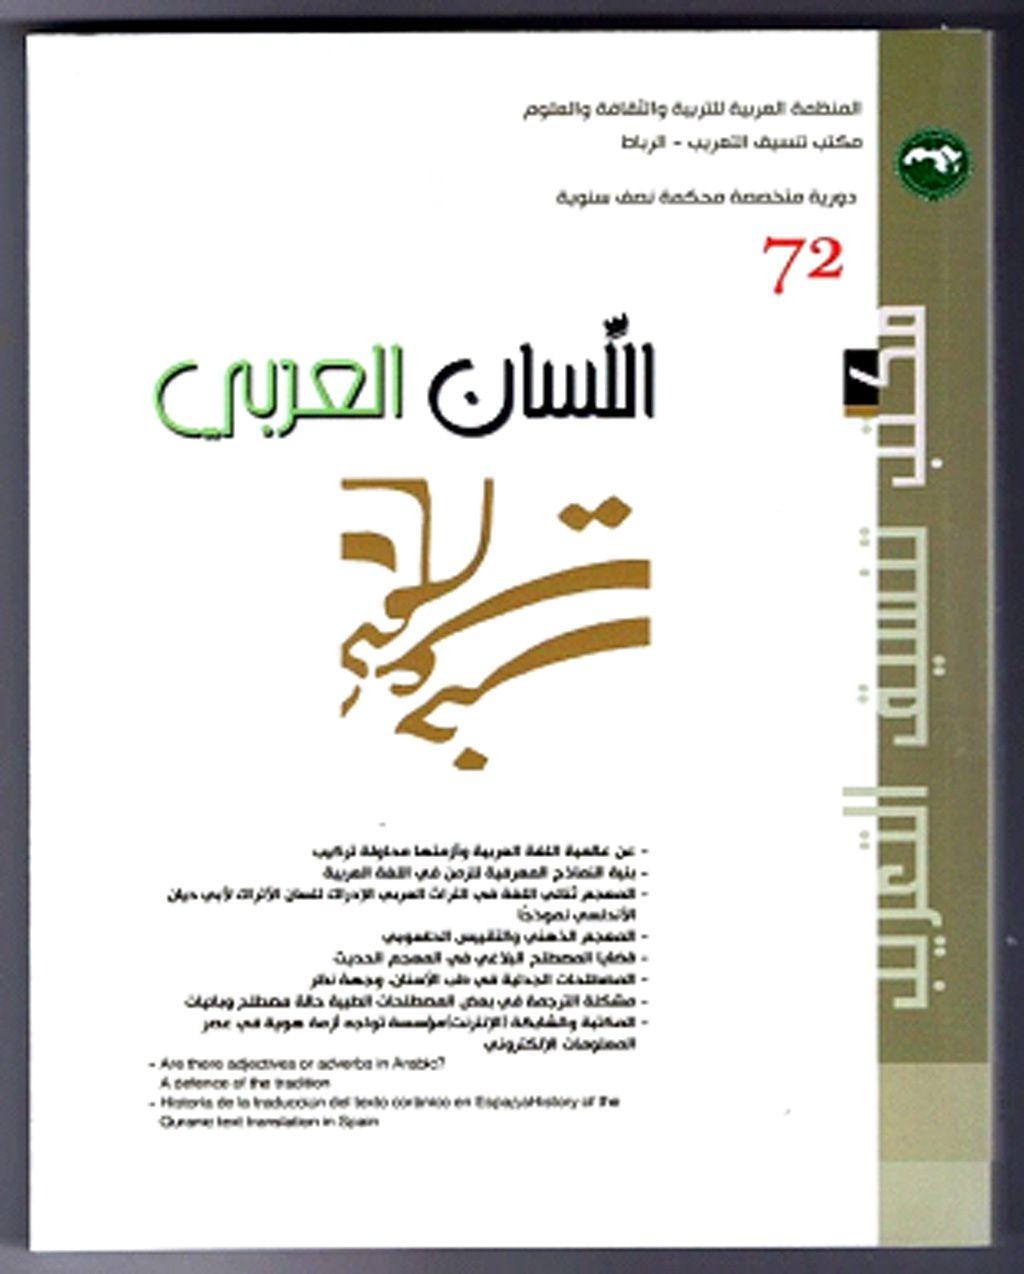 صدور العدد 72 من مجلة &quot&#x3B;اللسان العربي&quot&#x3B; بالرباط